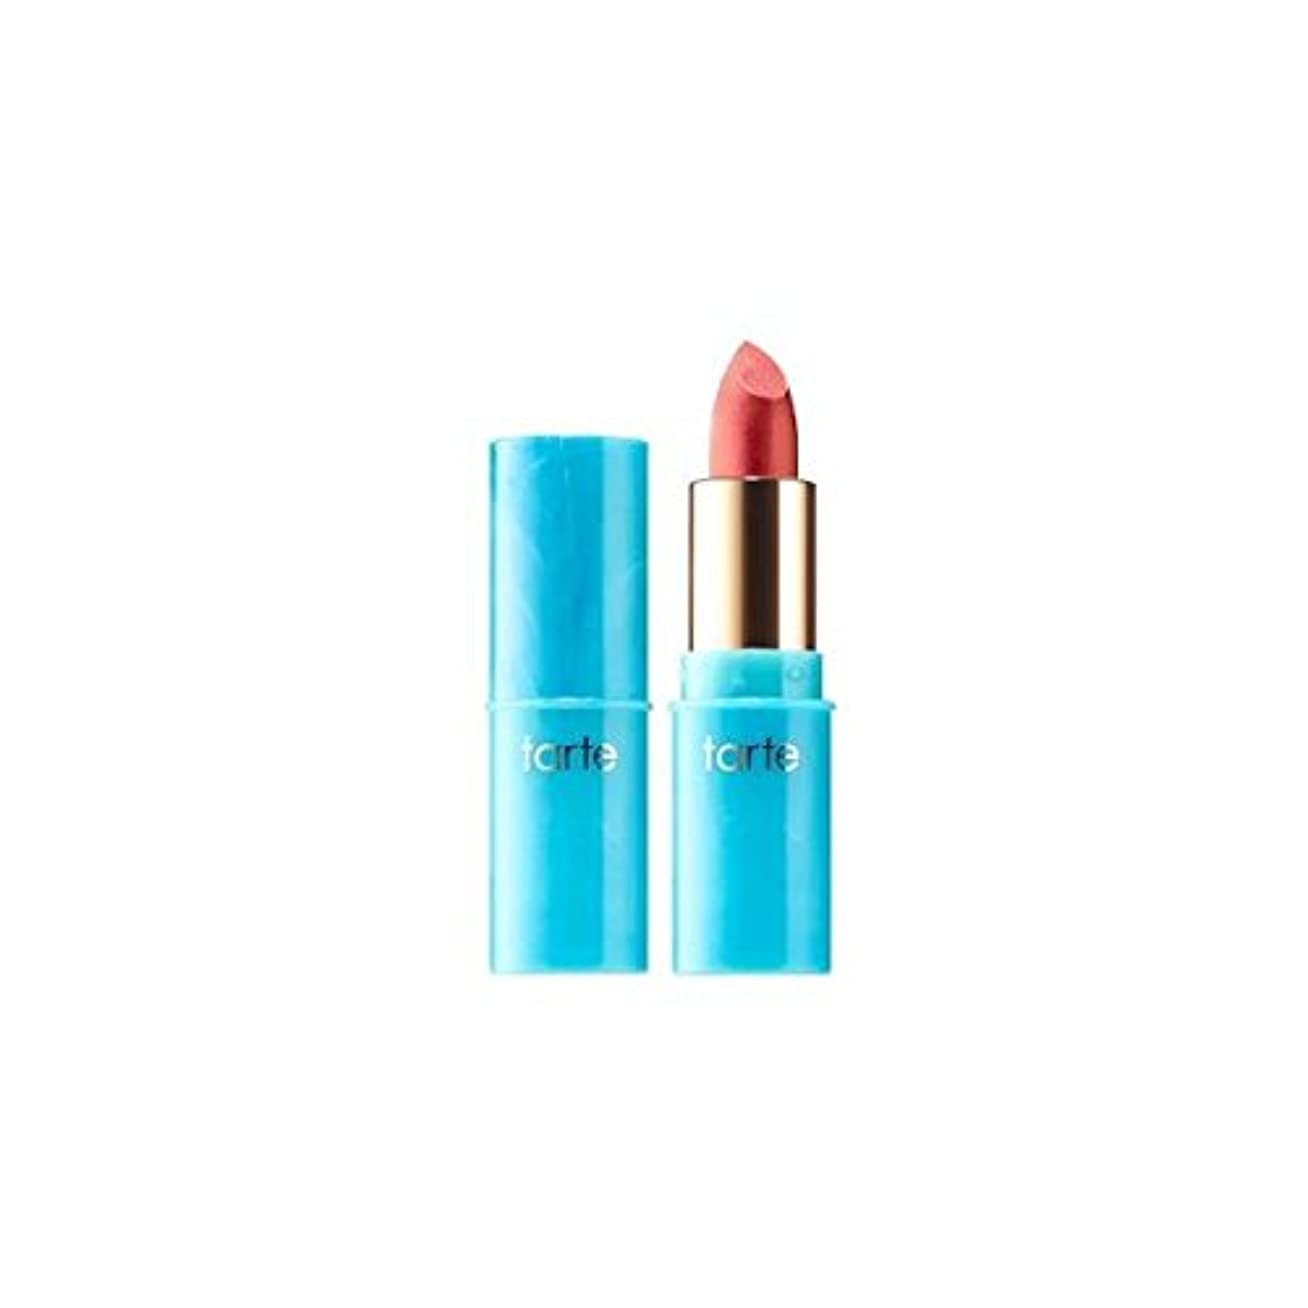 流行証言戸惑うtarteタルト リップ Color Splash Lipstick - Rainforest of the Sea Collection Metallic finish